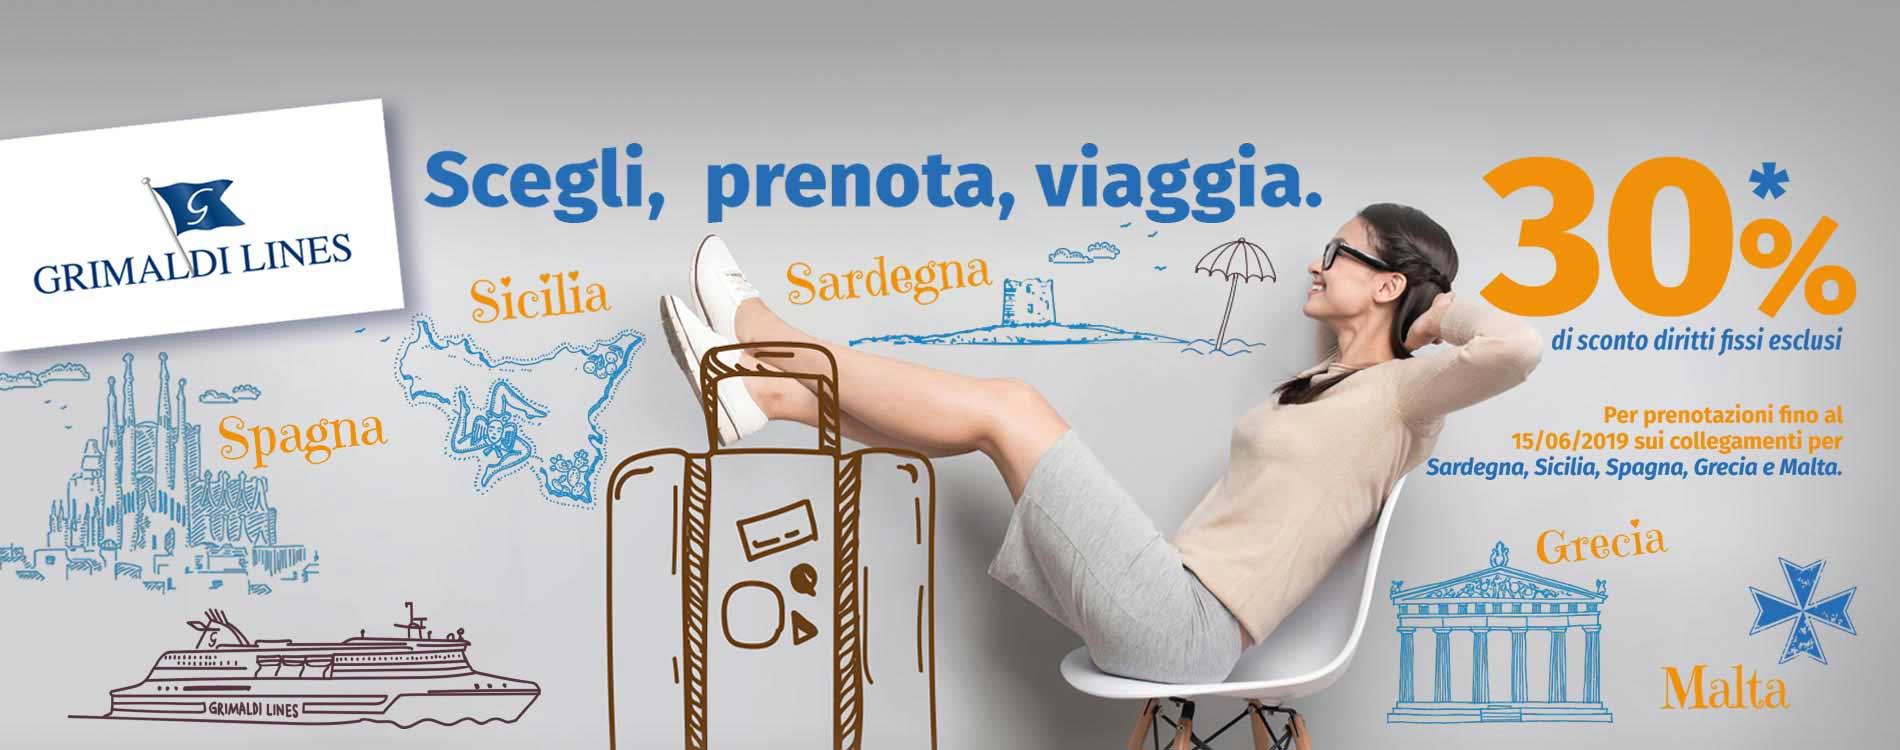 ateacme-slide-grimaldi-30-agenzia-pubblicitaria-napoli